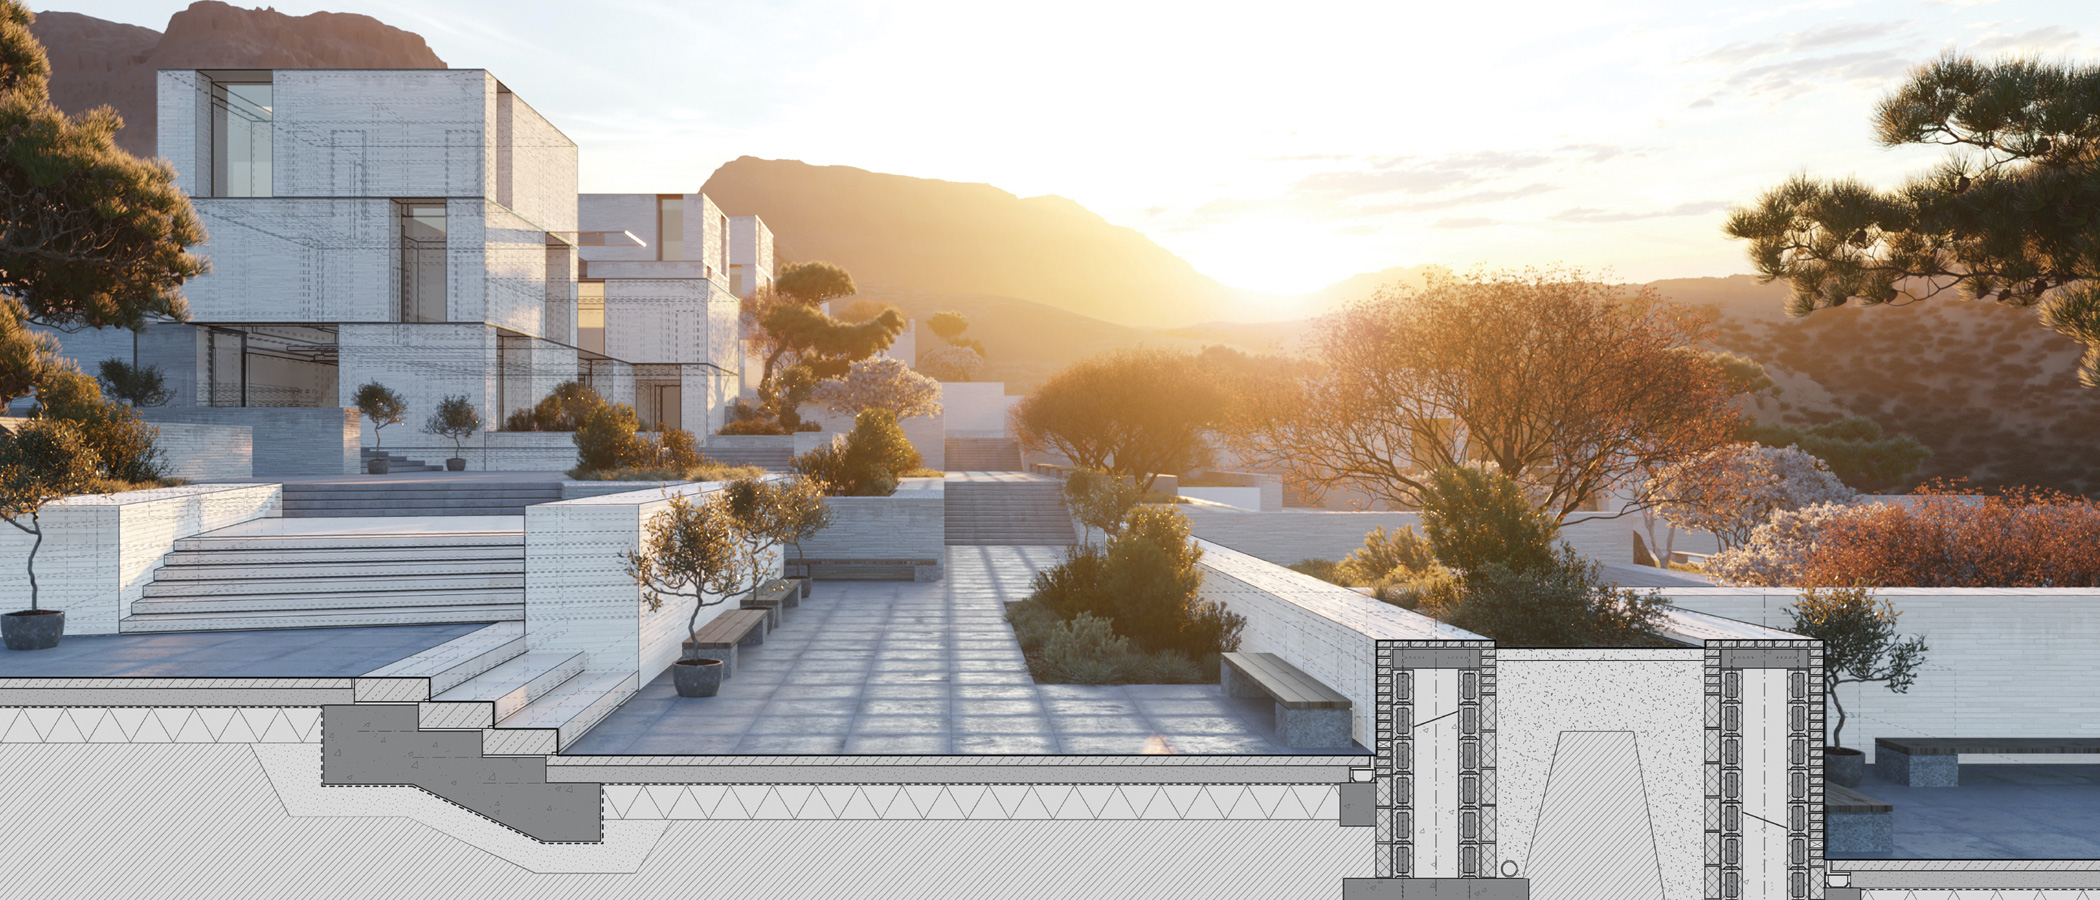 Architektura krajobrazu w 3D | Projektowanie ogrodów w 3D | SketchUp